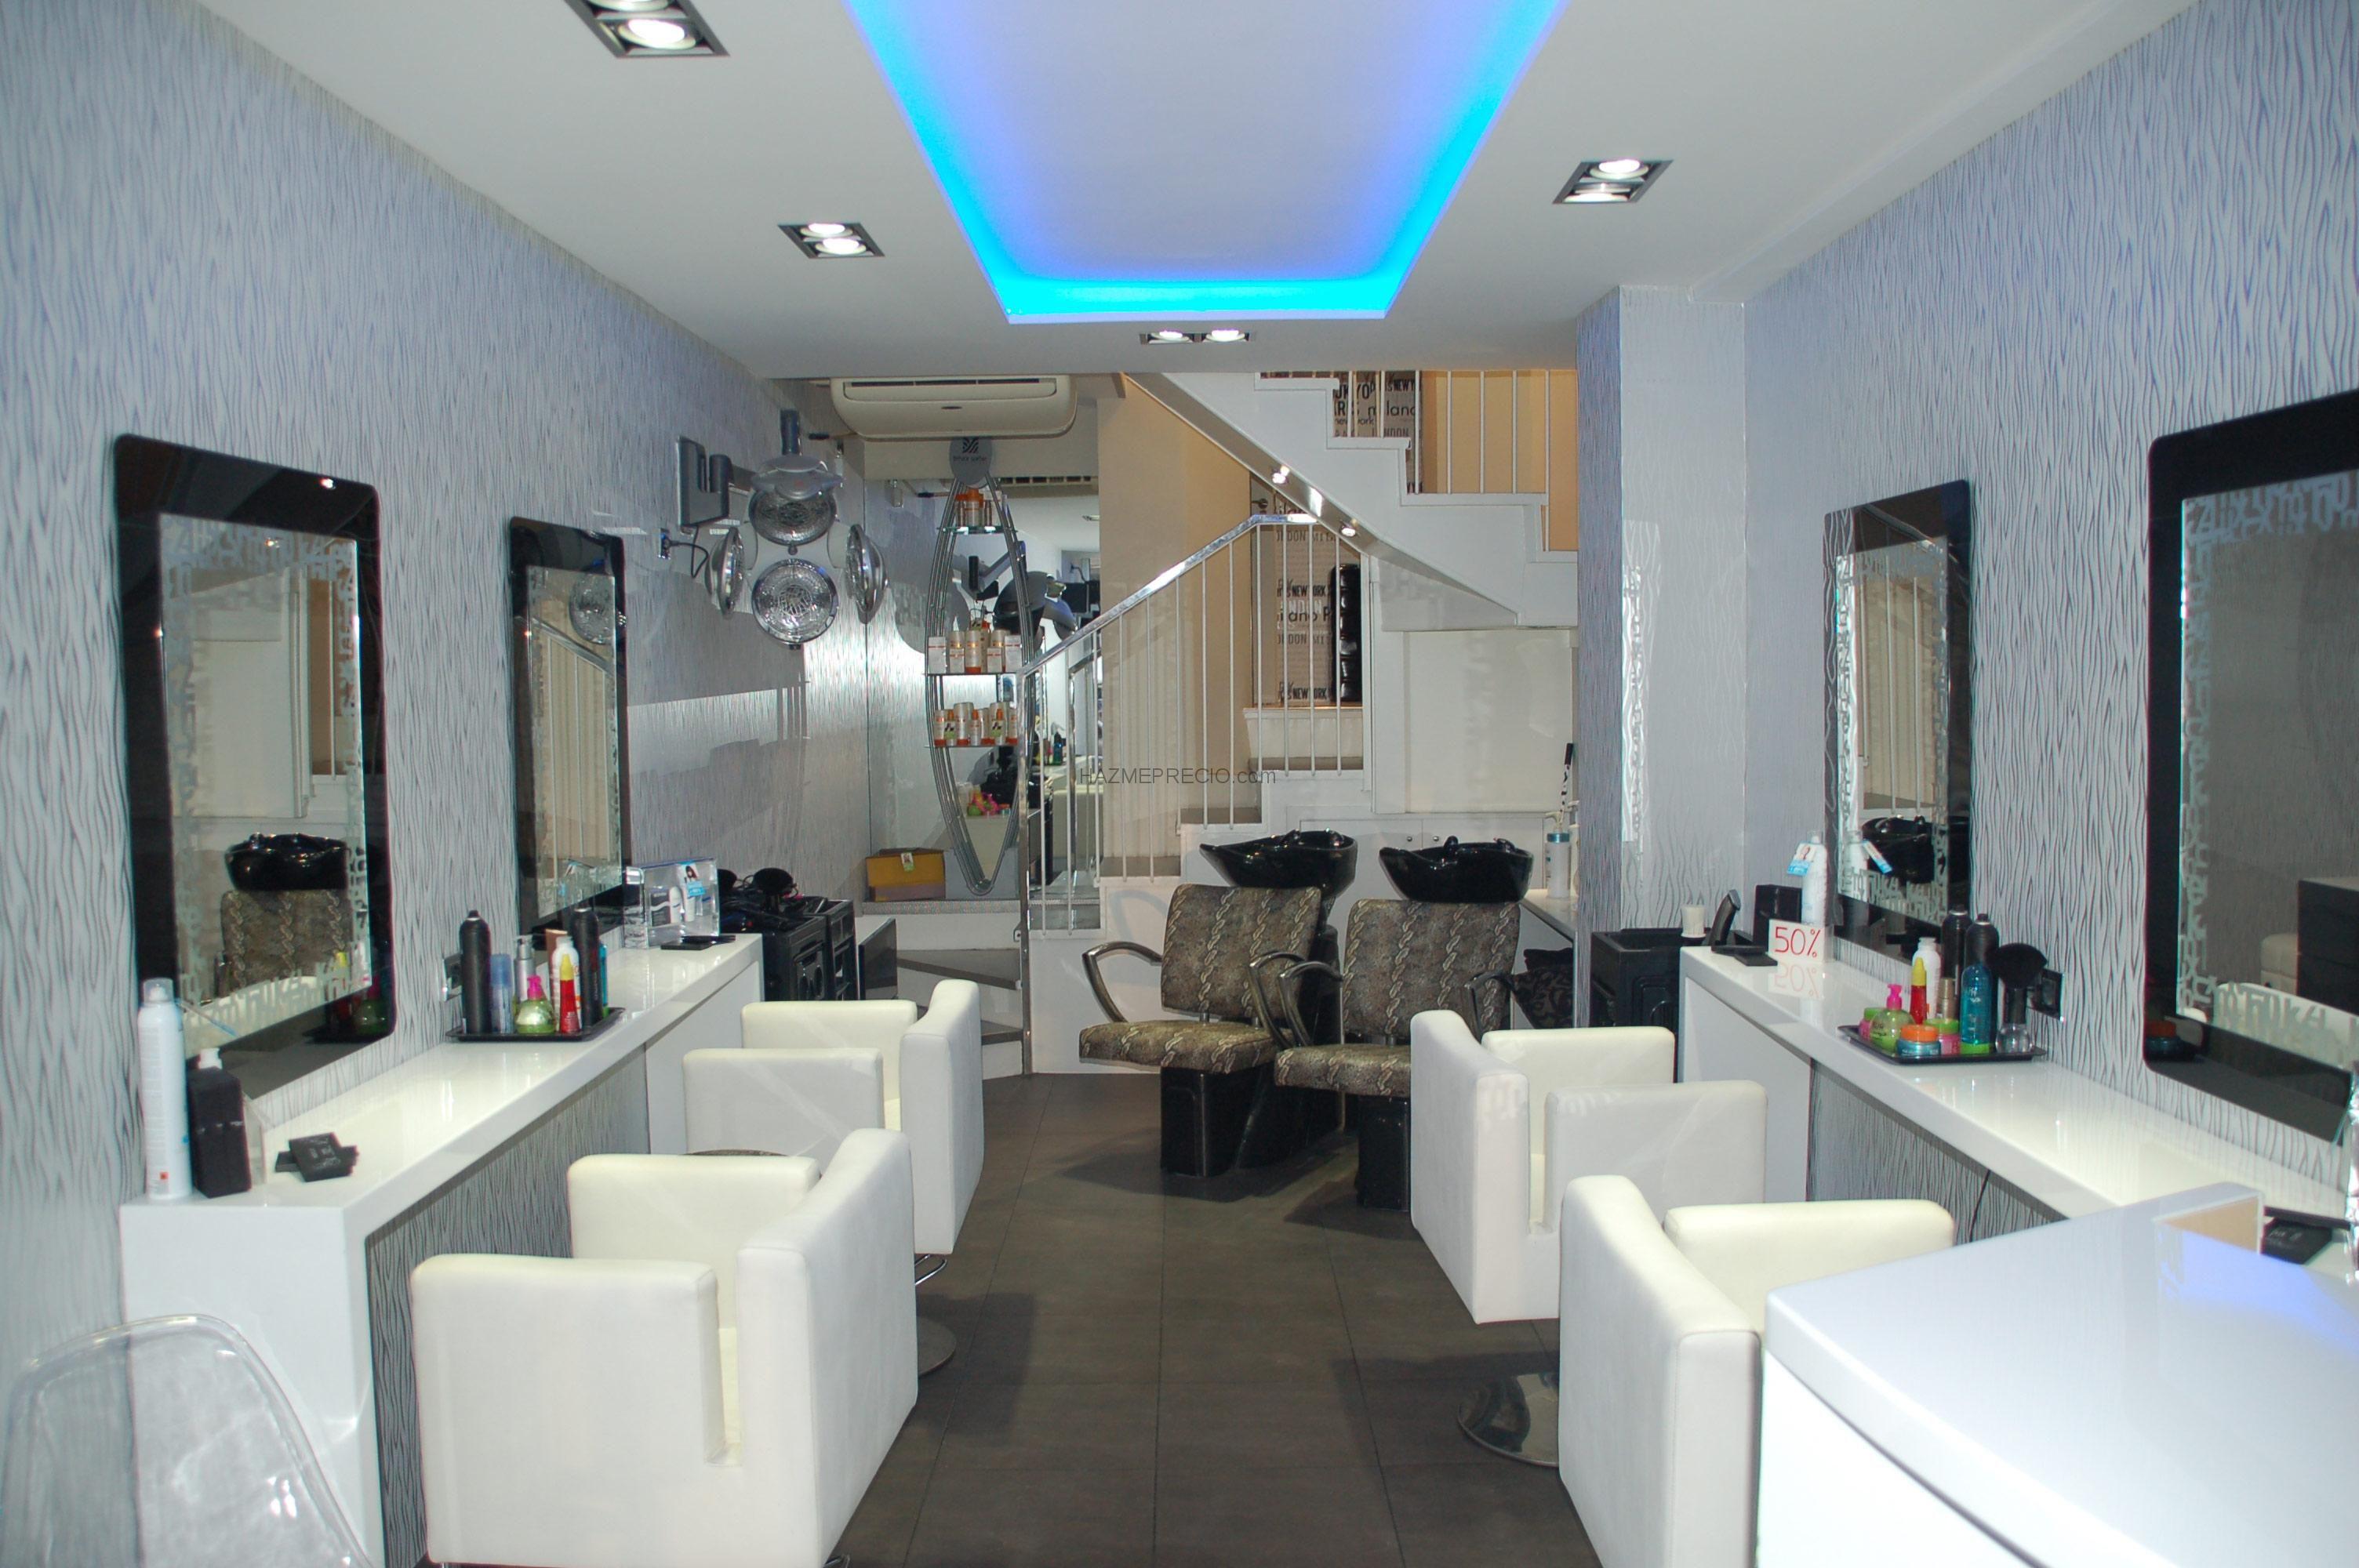 Decoracion de peluquerias buscar con google decoracion for Google decoracion de interiores